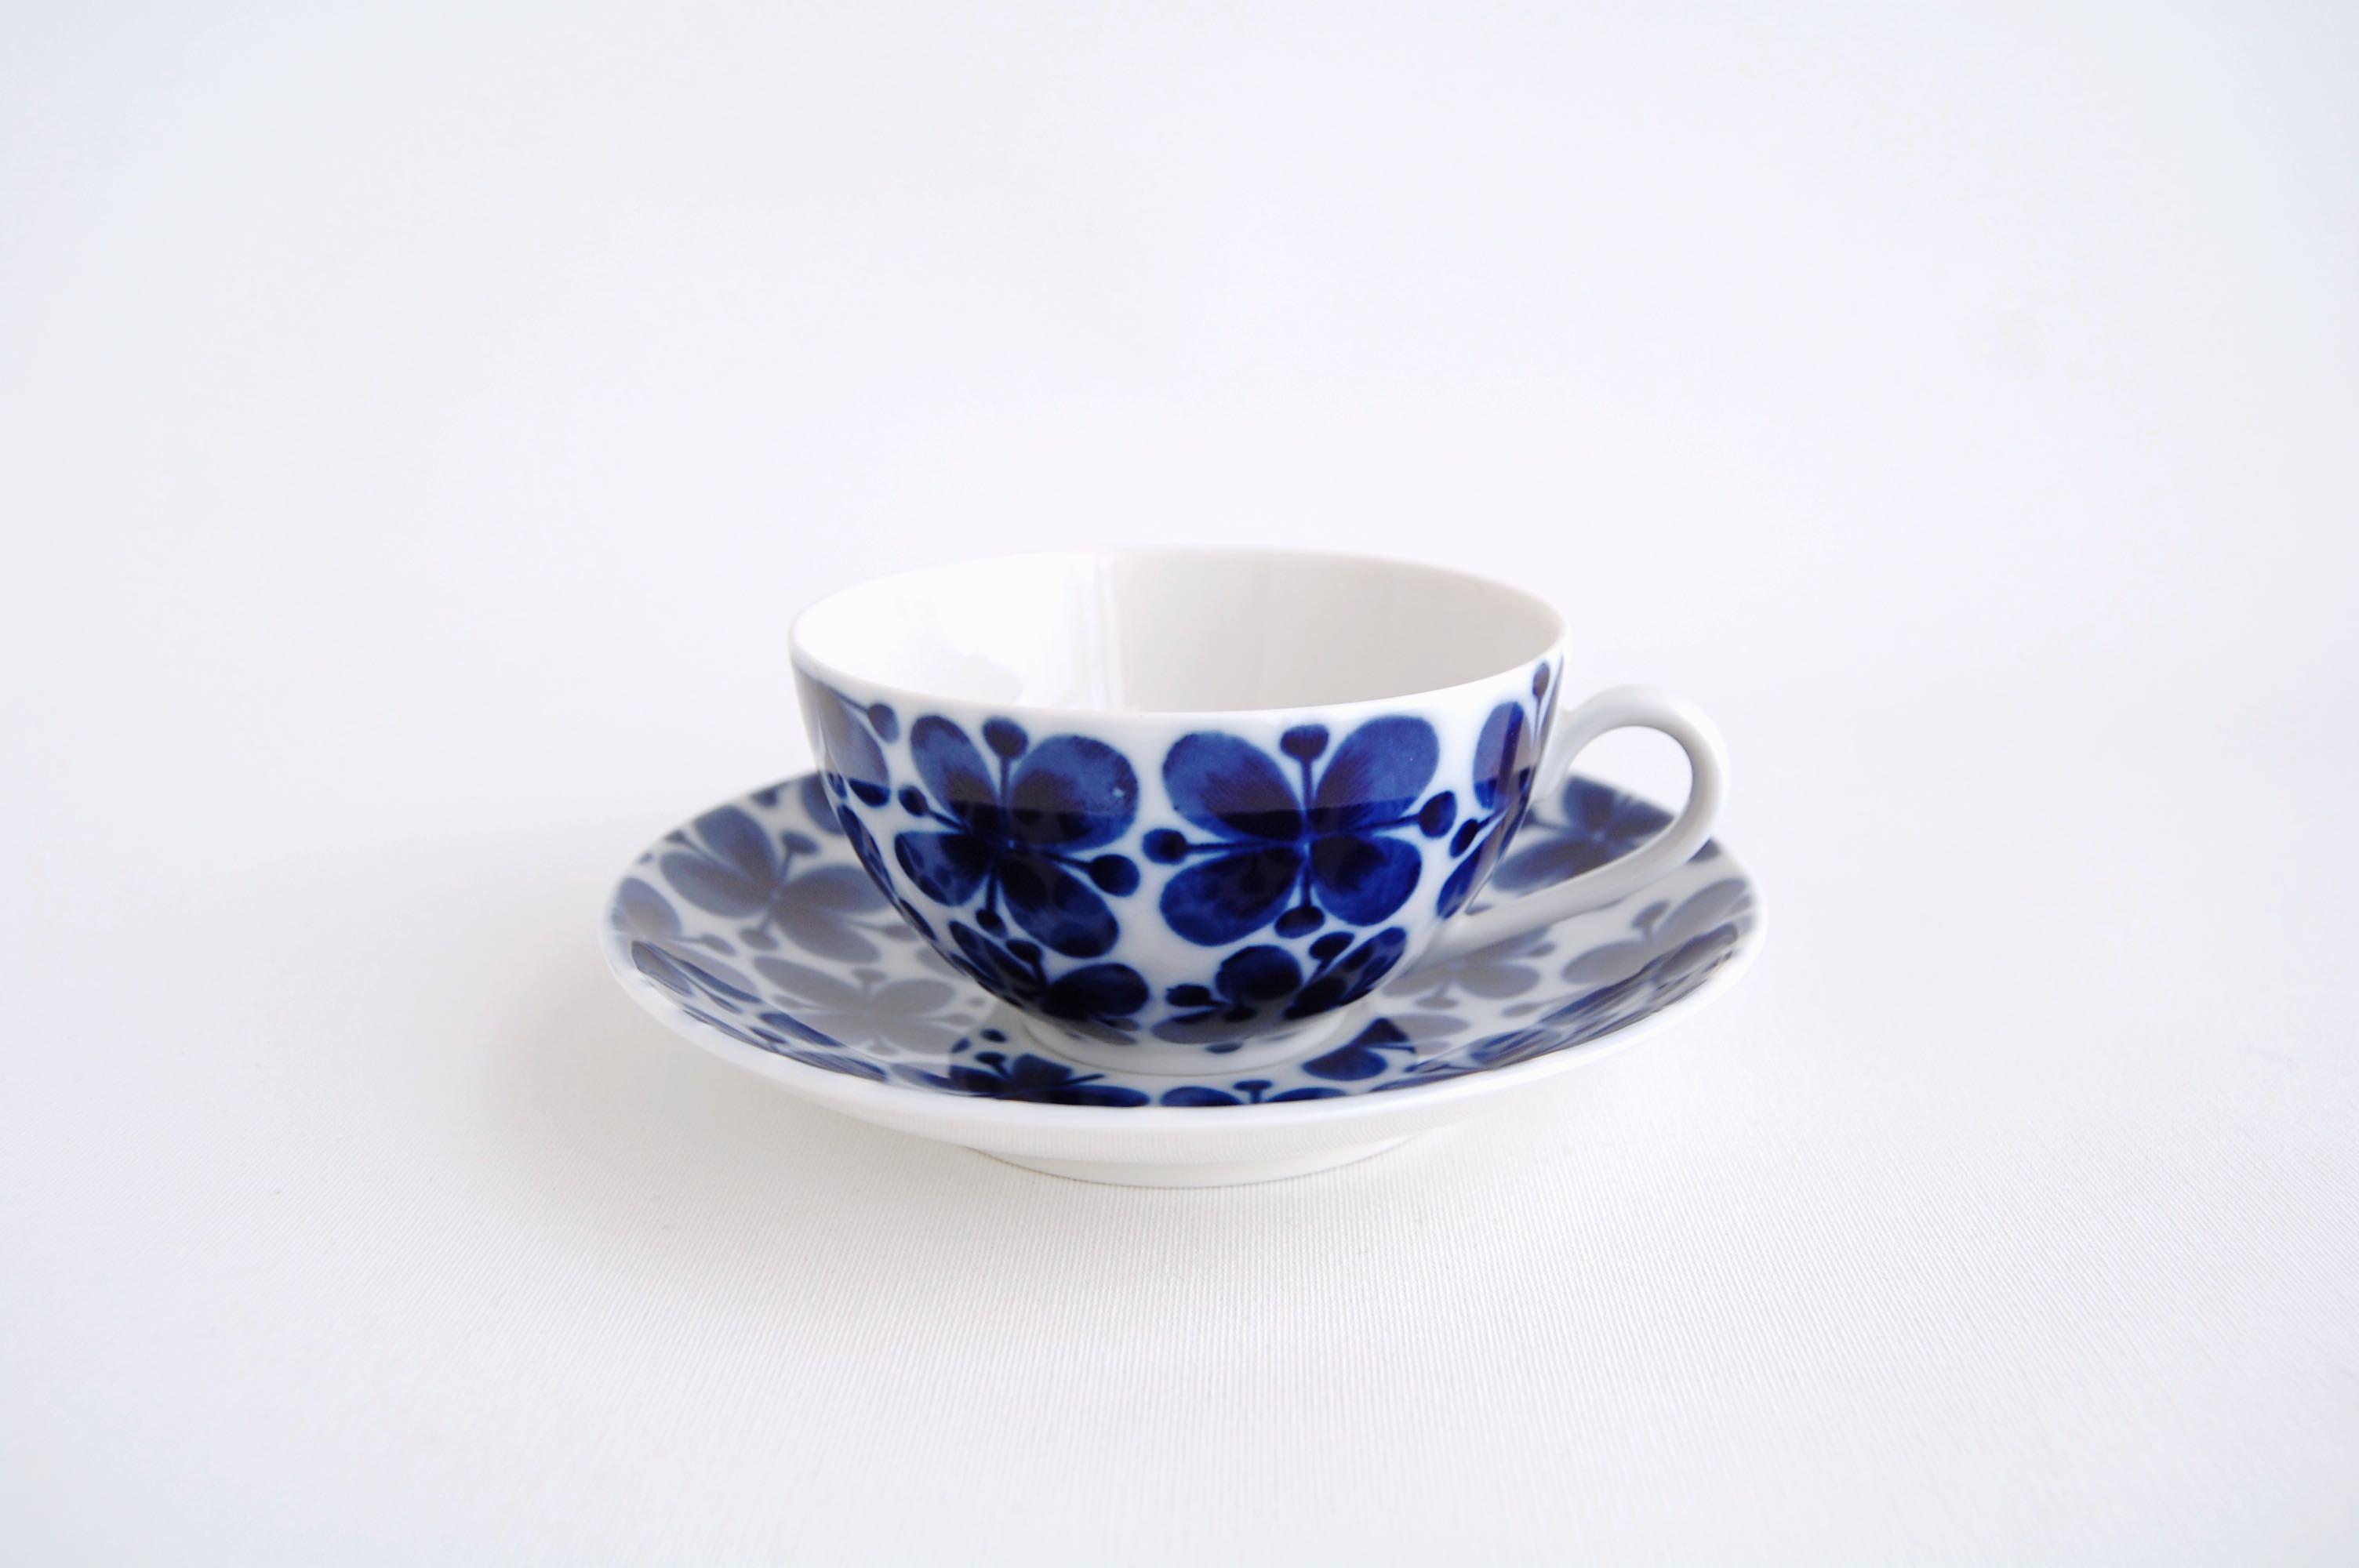 Rorstrand/ロールストランド Mon Amie/モナミ コーヒーカップ&ソーサー 002